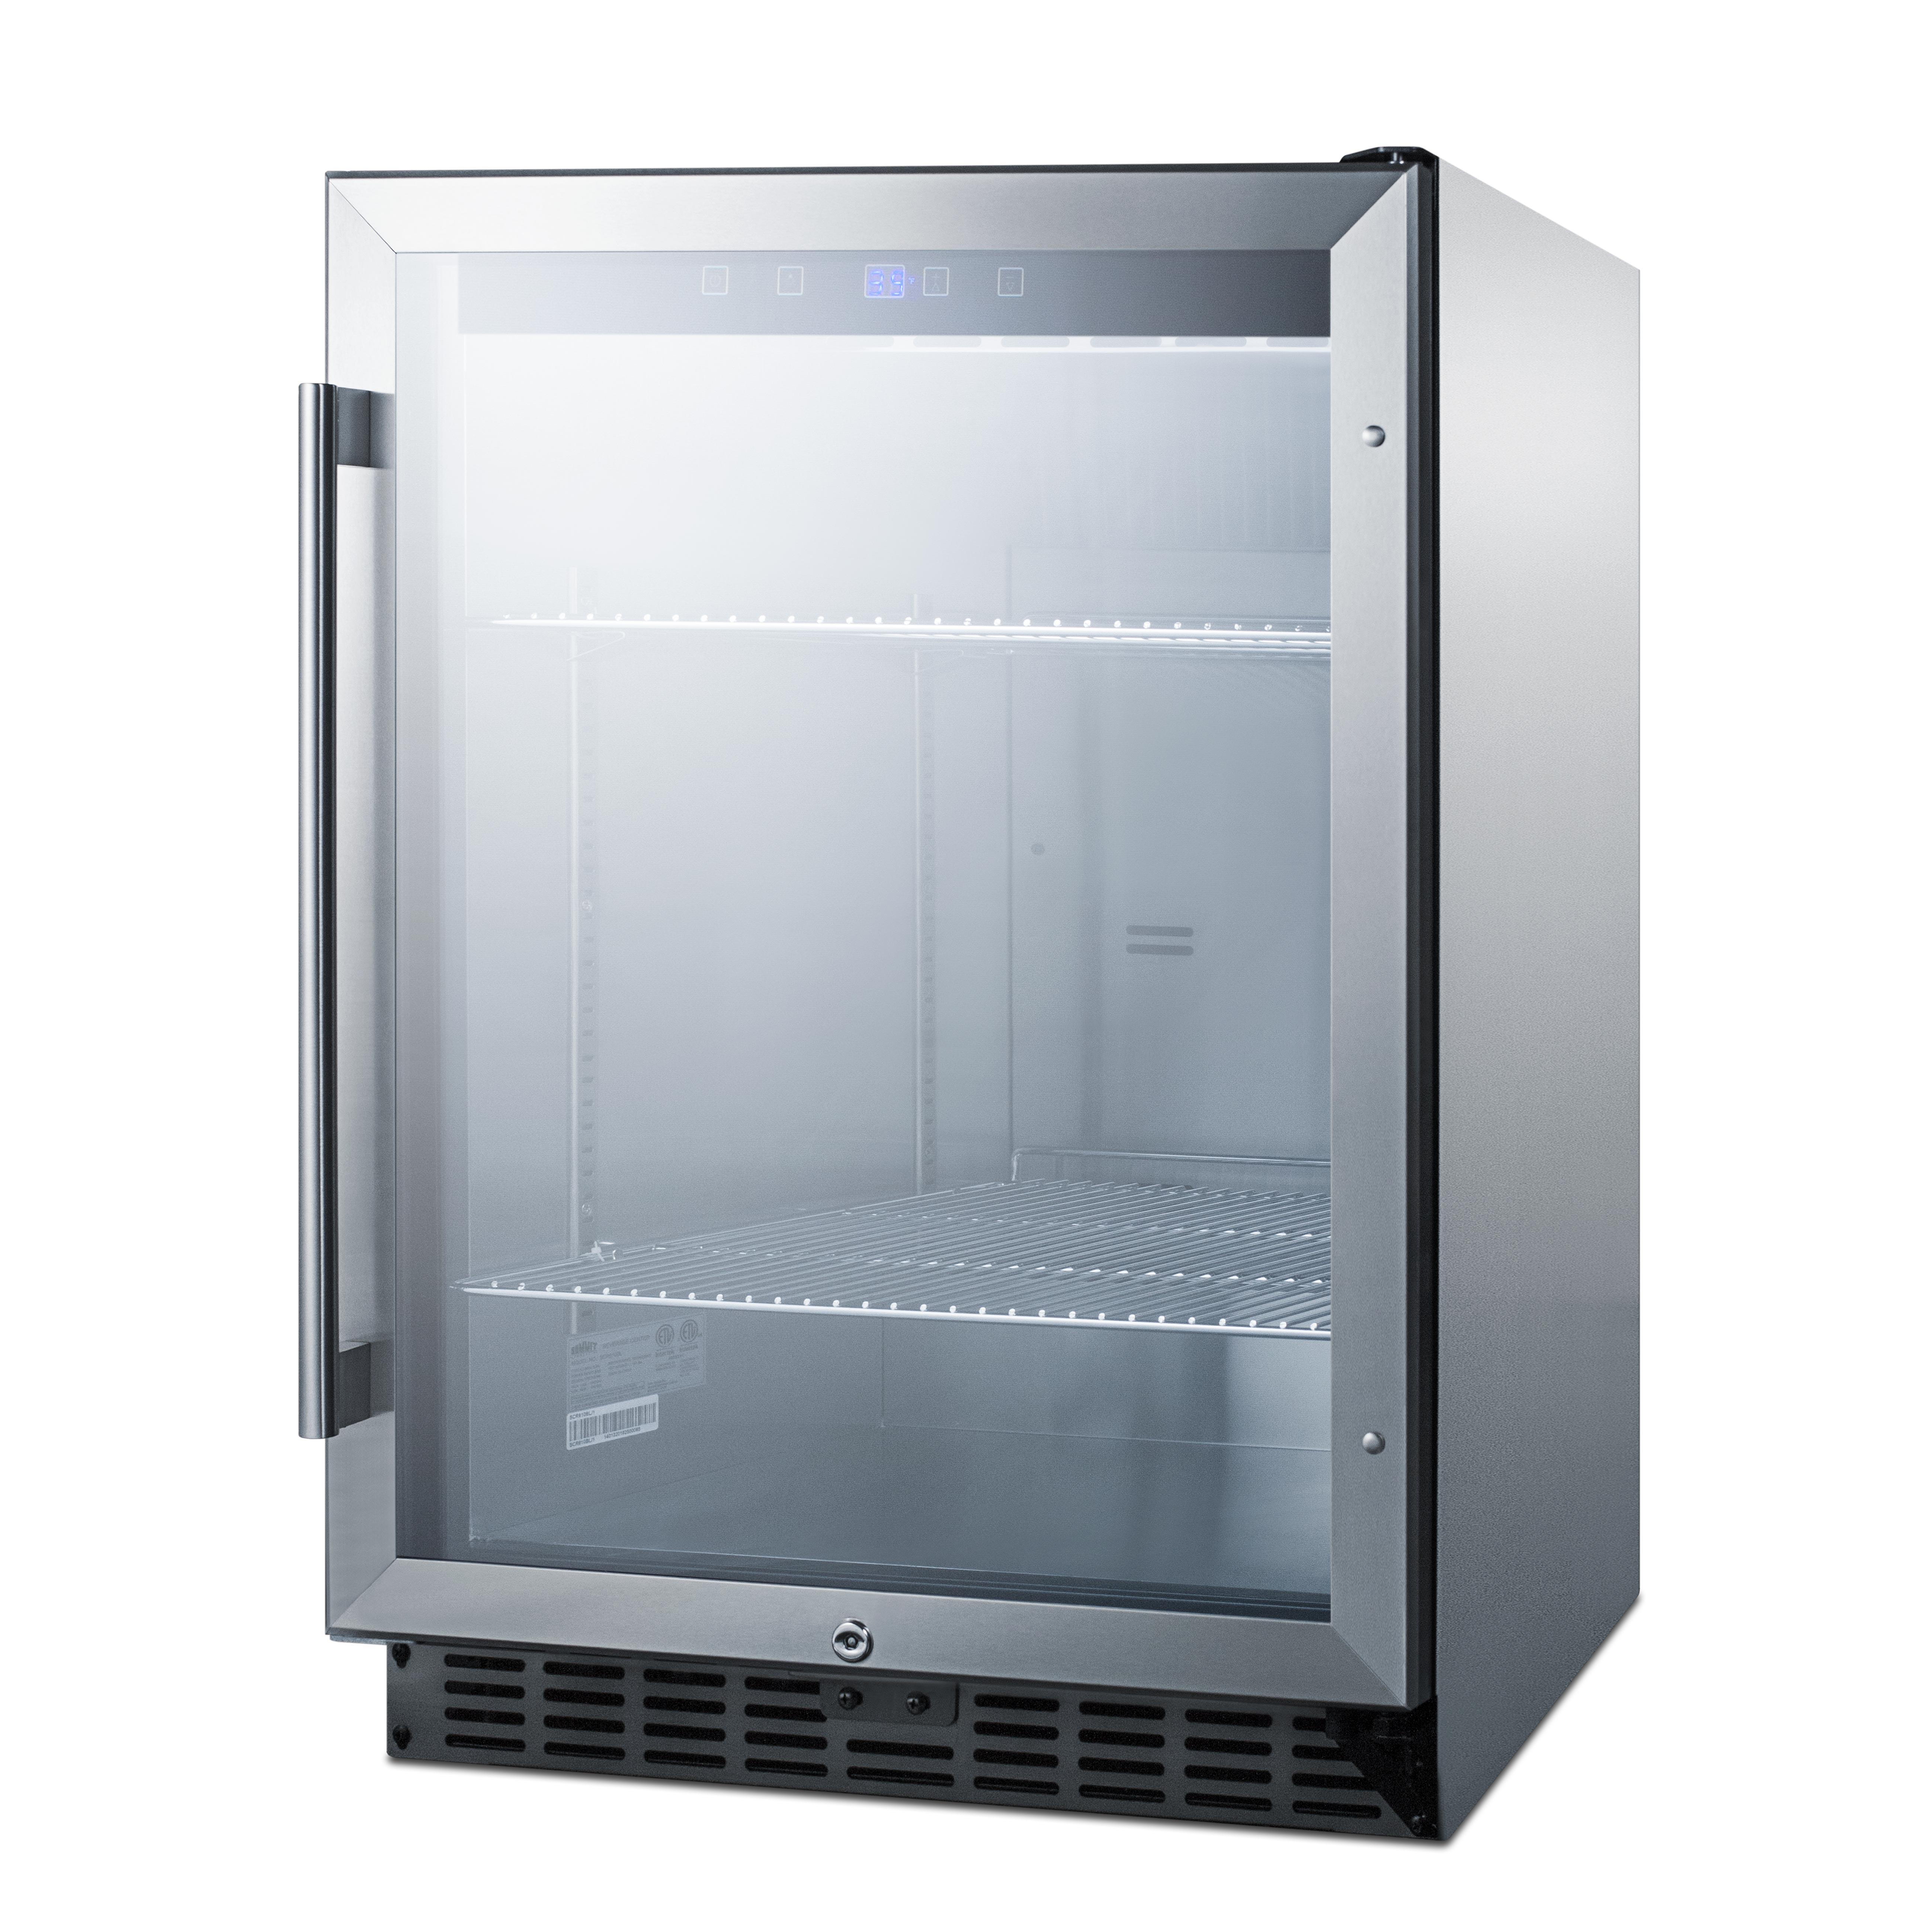 Summit Appliance SCR611GLOS refrigerator, merchandiser, countertop